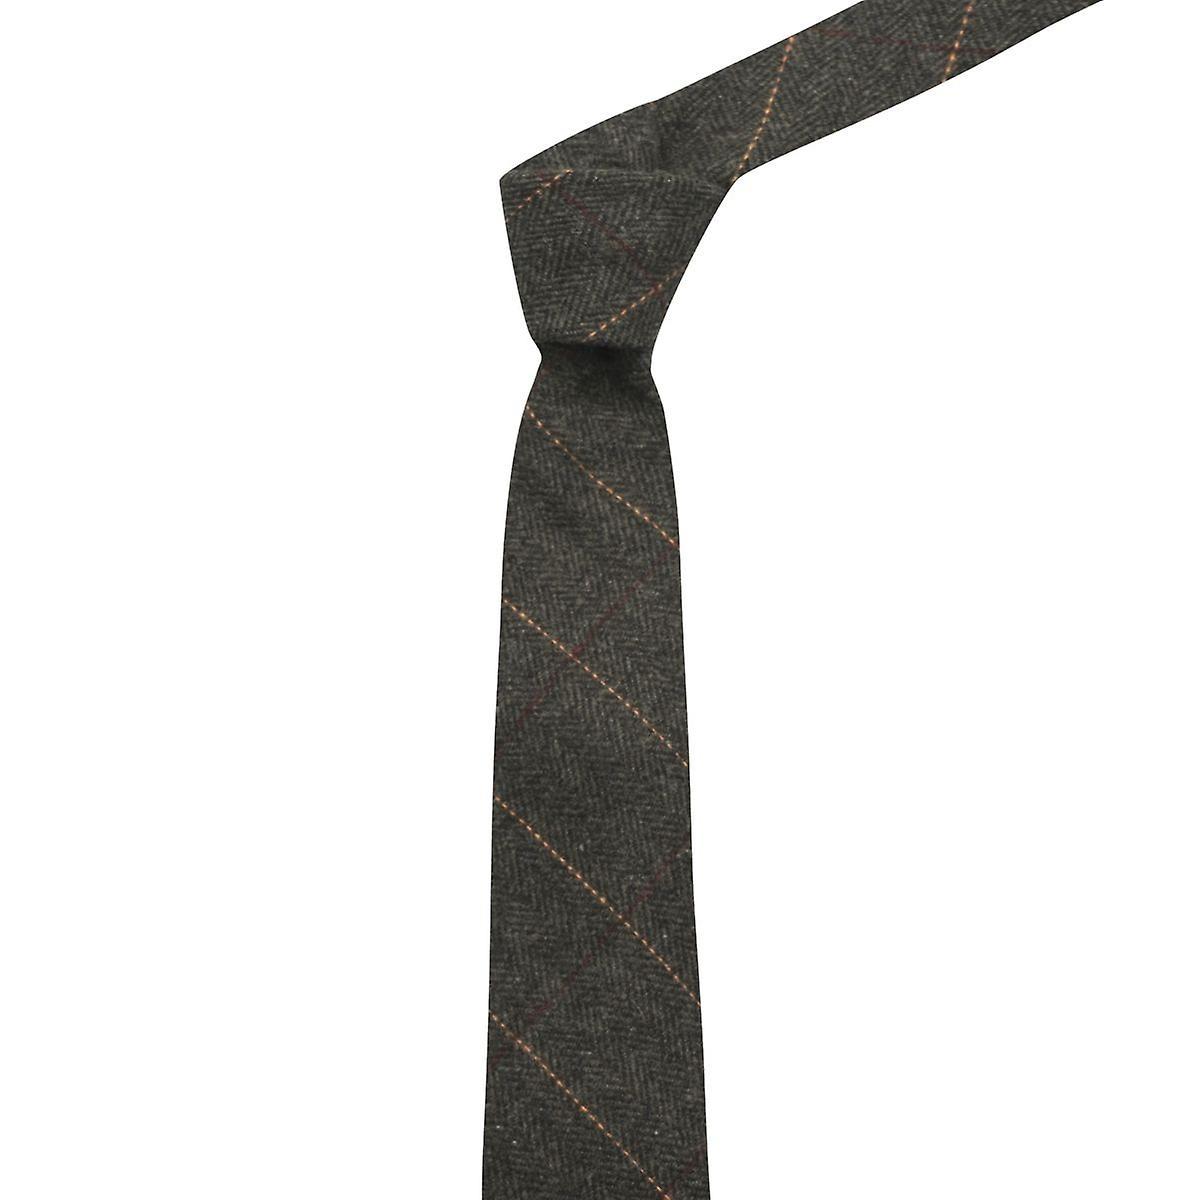 Luxury Herringbone Charcoal Grey Tweed Tie, Mens Necktie